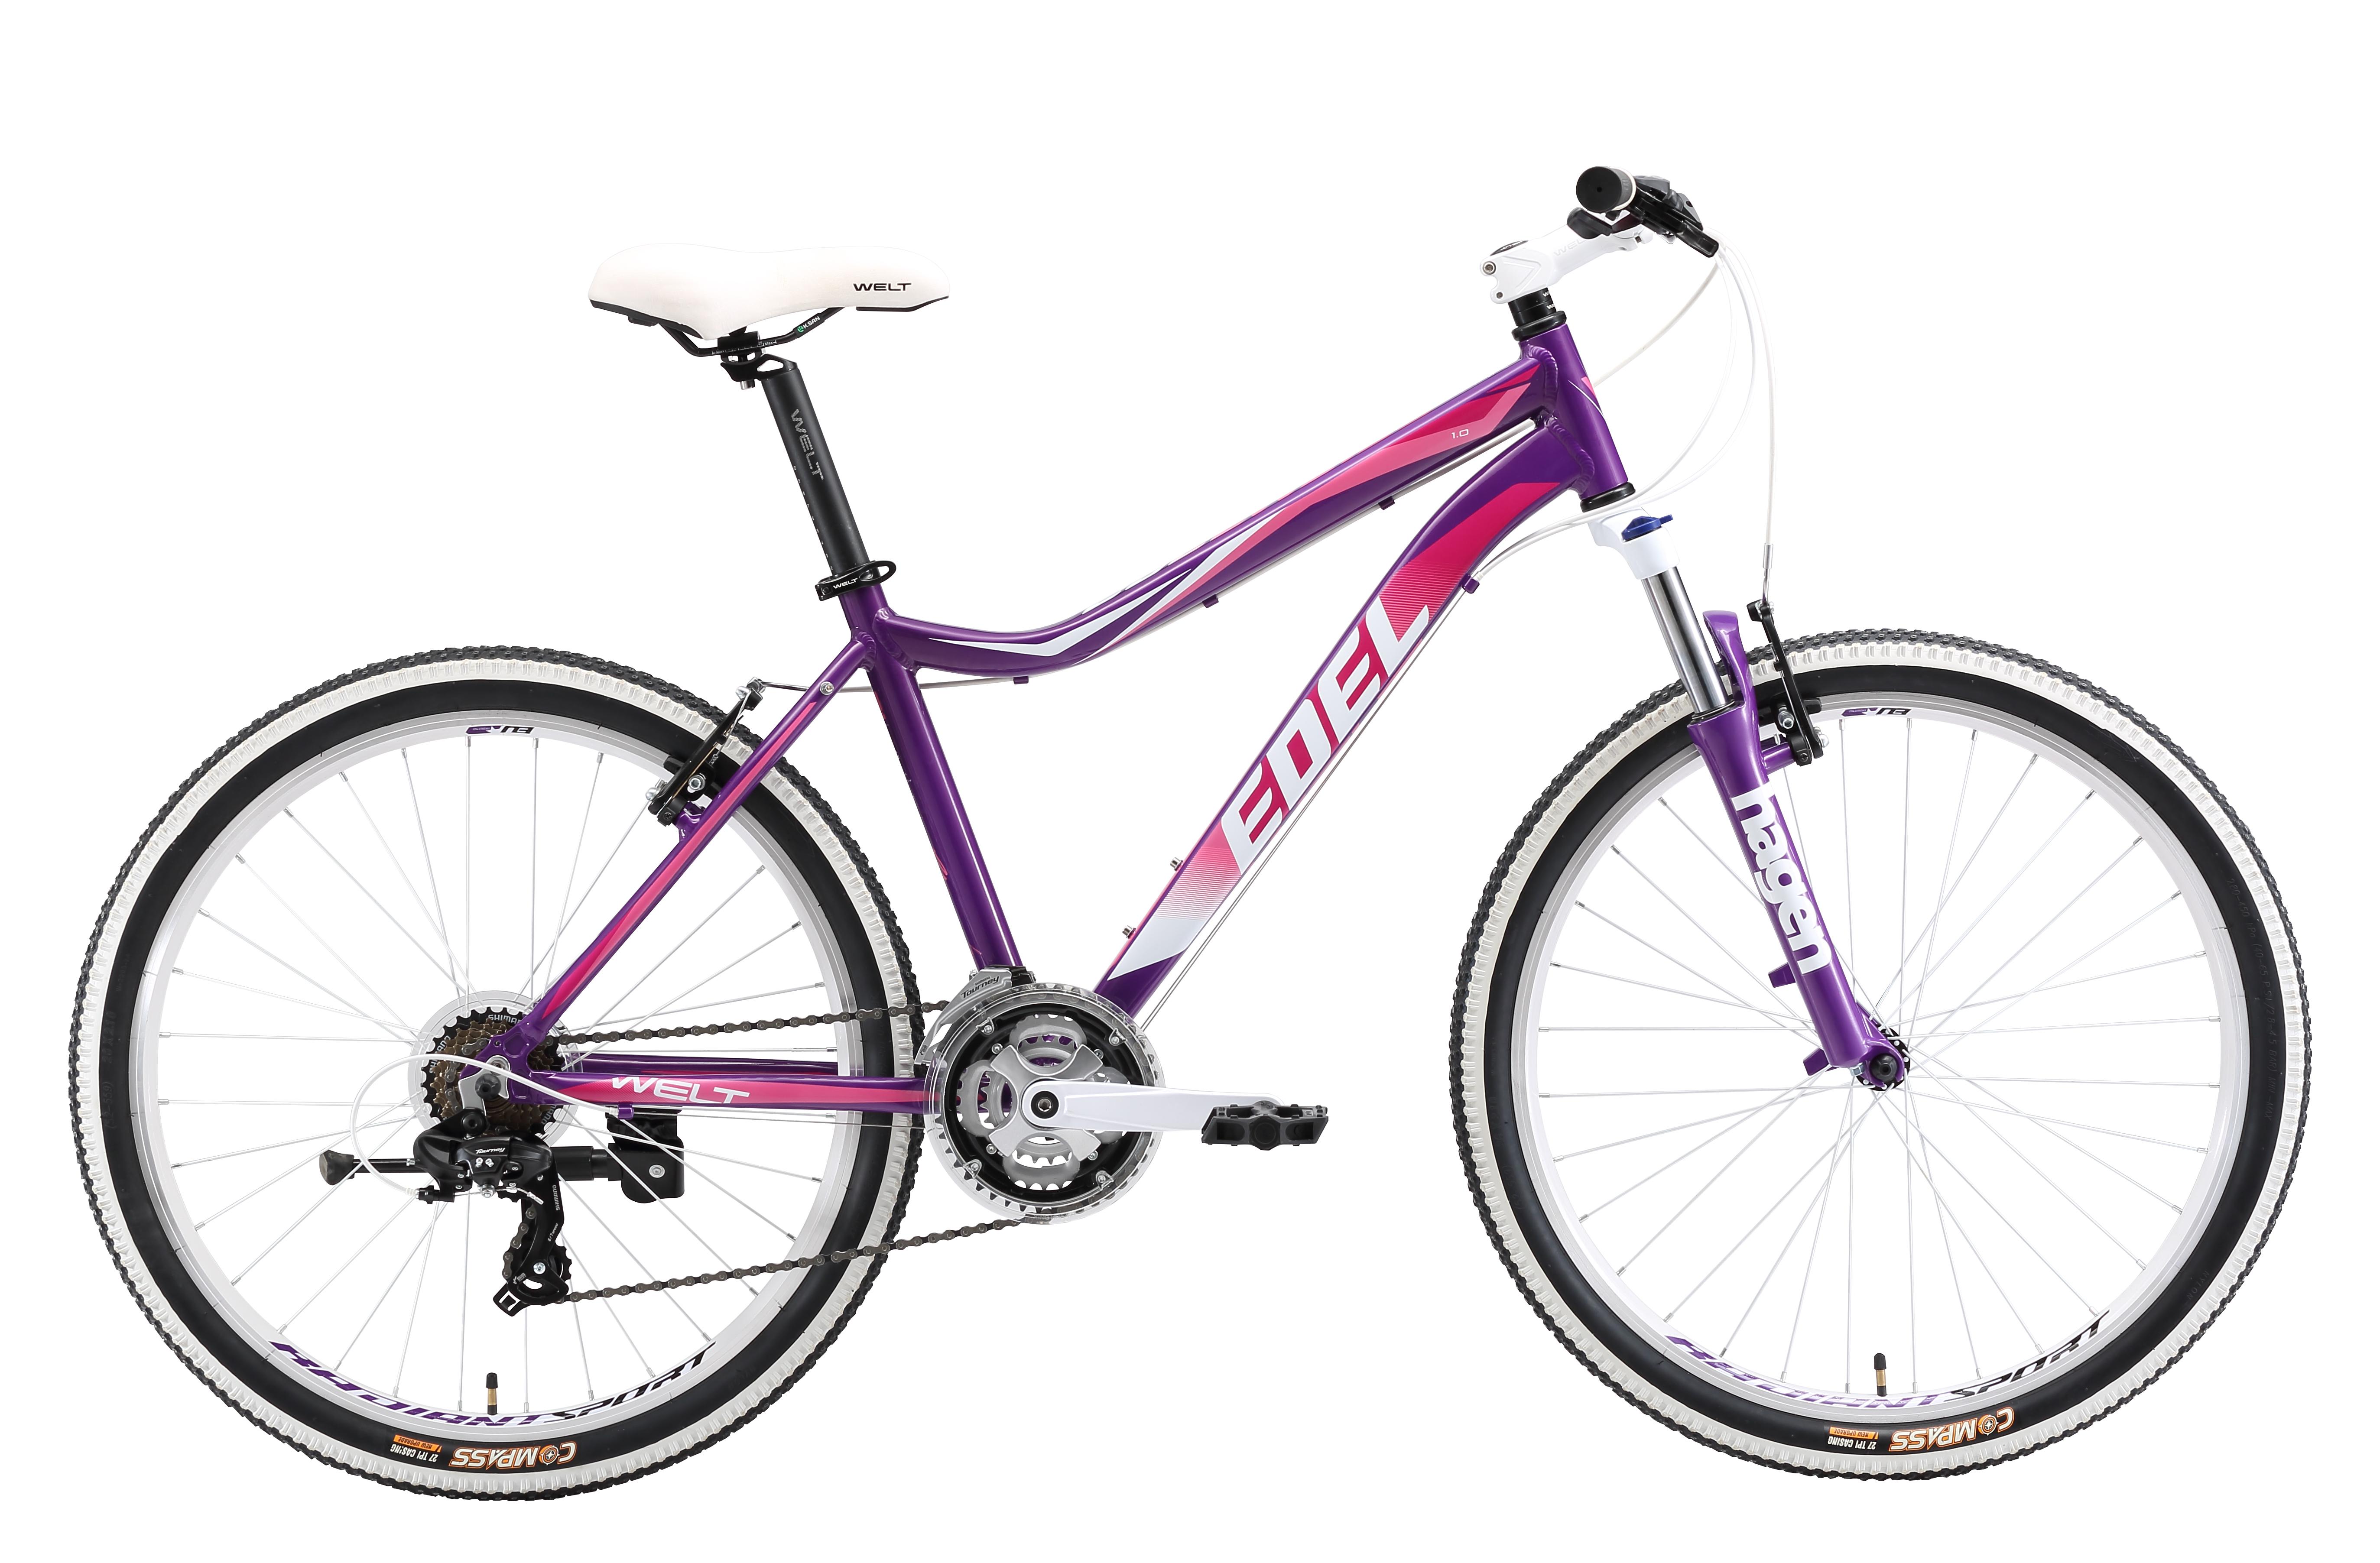 Велосипед Welt 2018 Edelweiss 1.0 violet/pink (US:M), Велосипеды - арт. 997470390